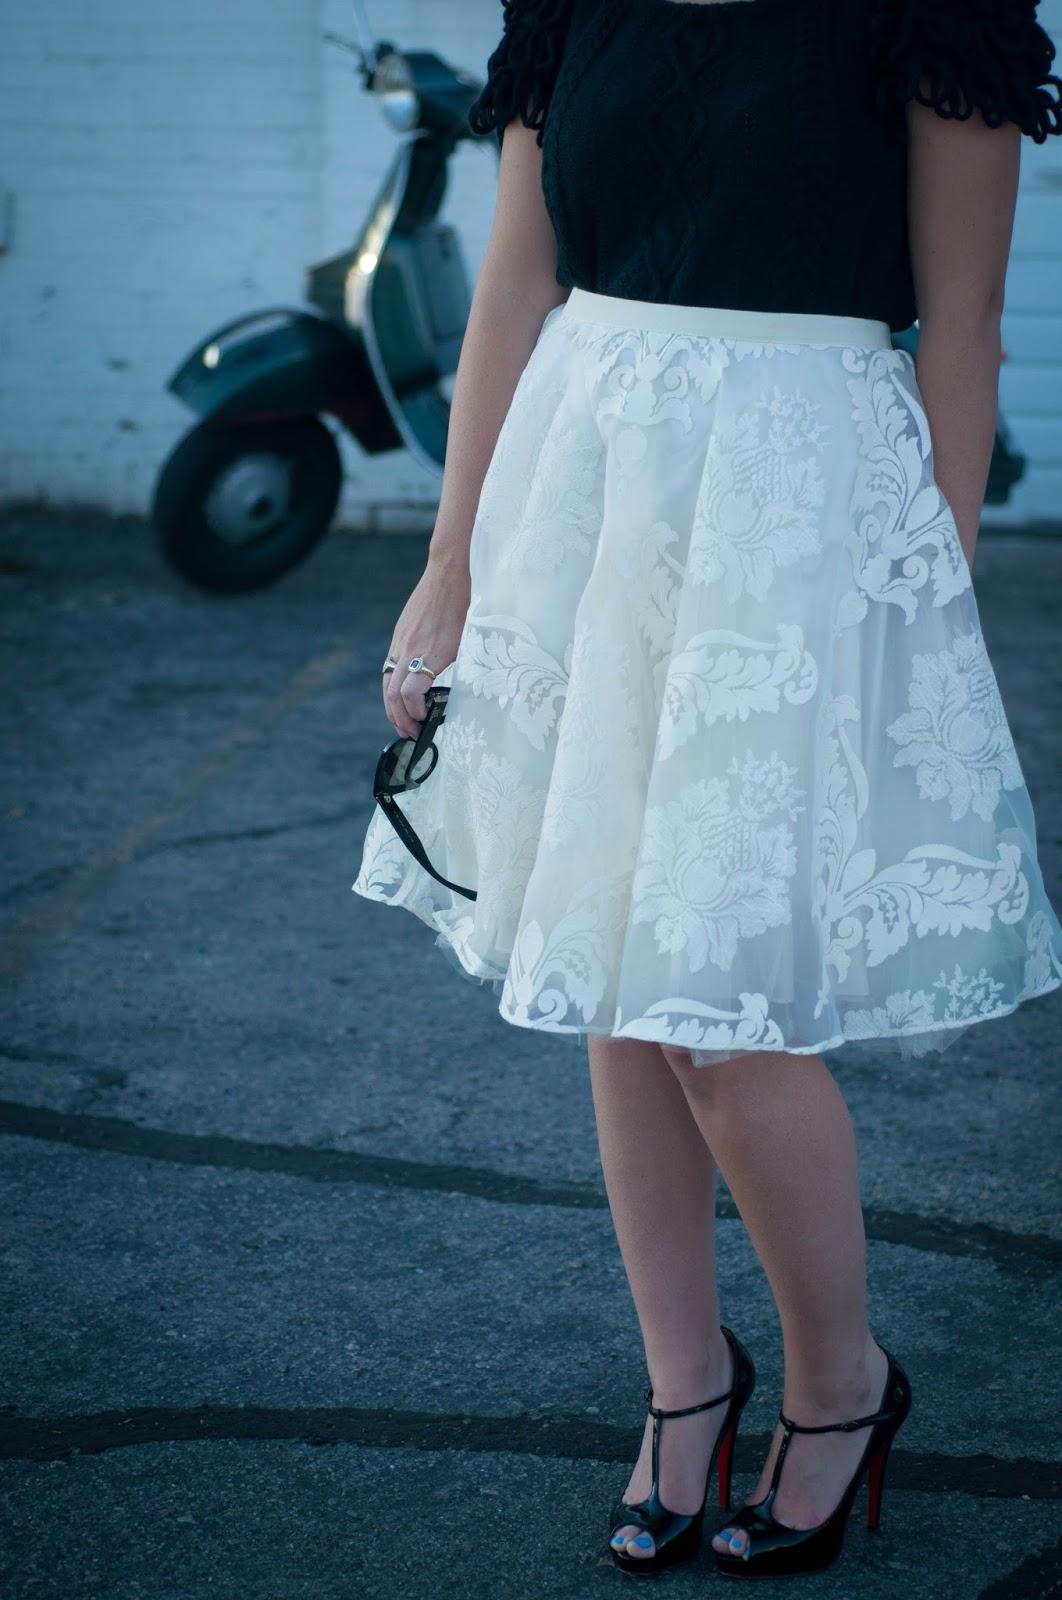 tulle skirt, tutu skirt, prada cats eye sunglasses, anthropologie ootd, anthropologie tulle skirt, ootd